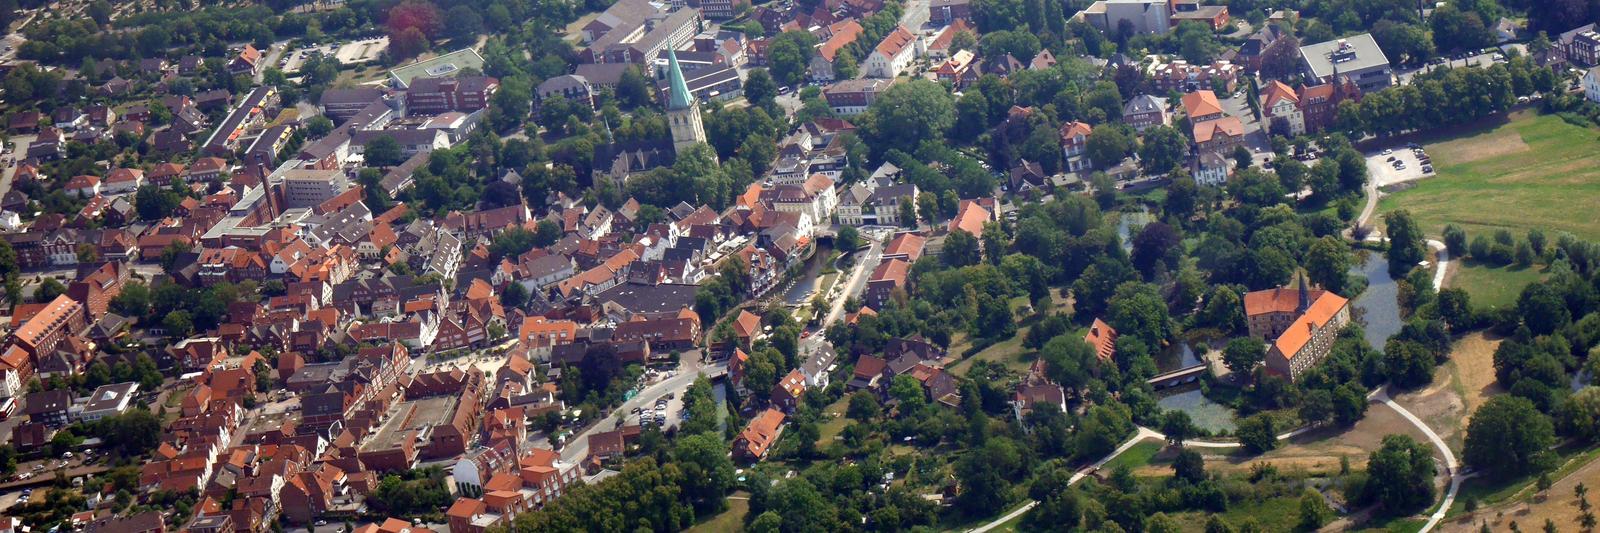 Stadt Lüdinghausen von oben